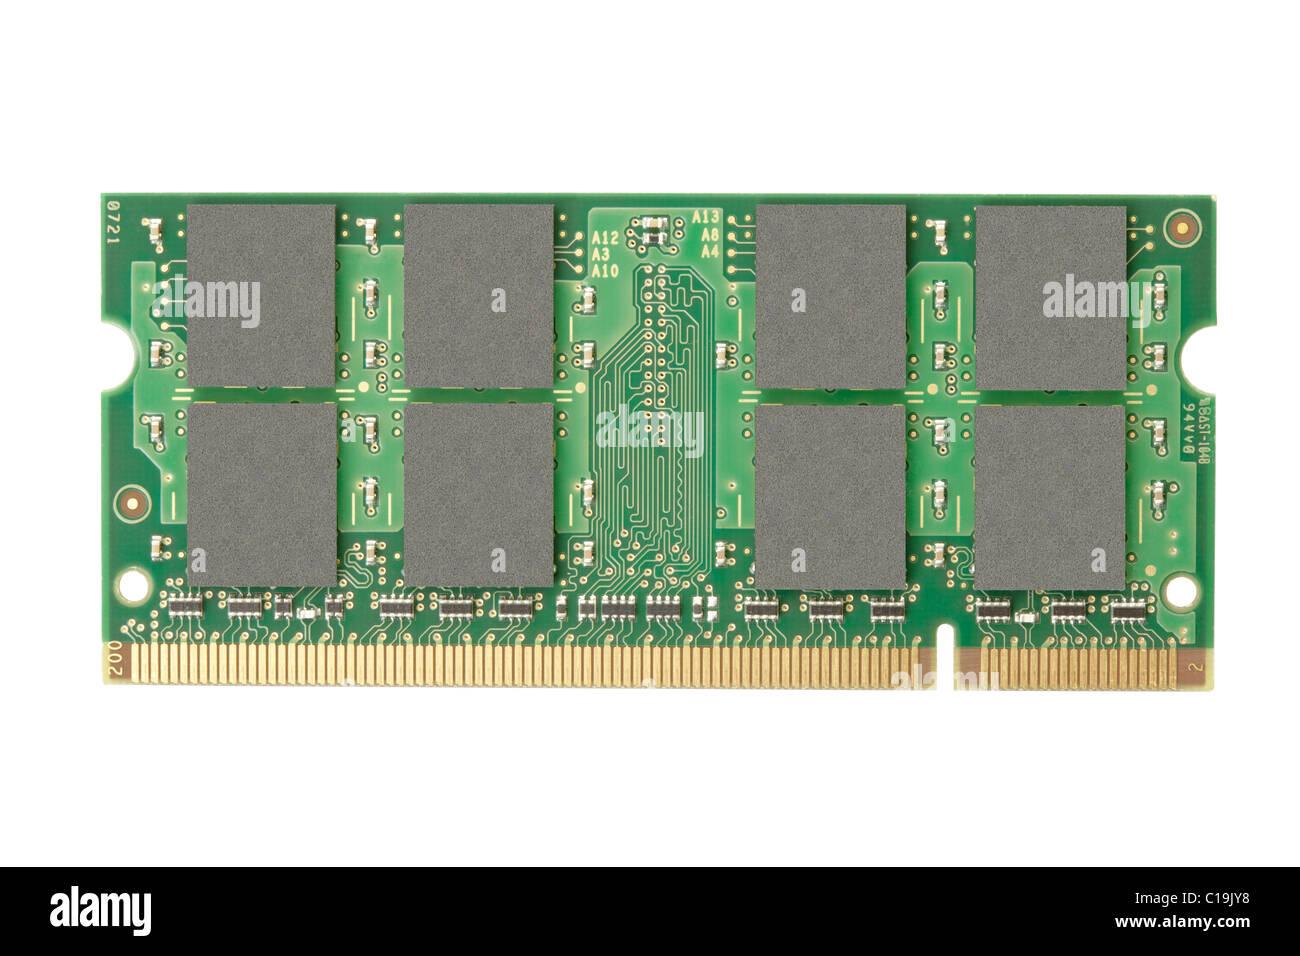 Ram memory isolated on white background Stock Photo